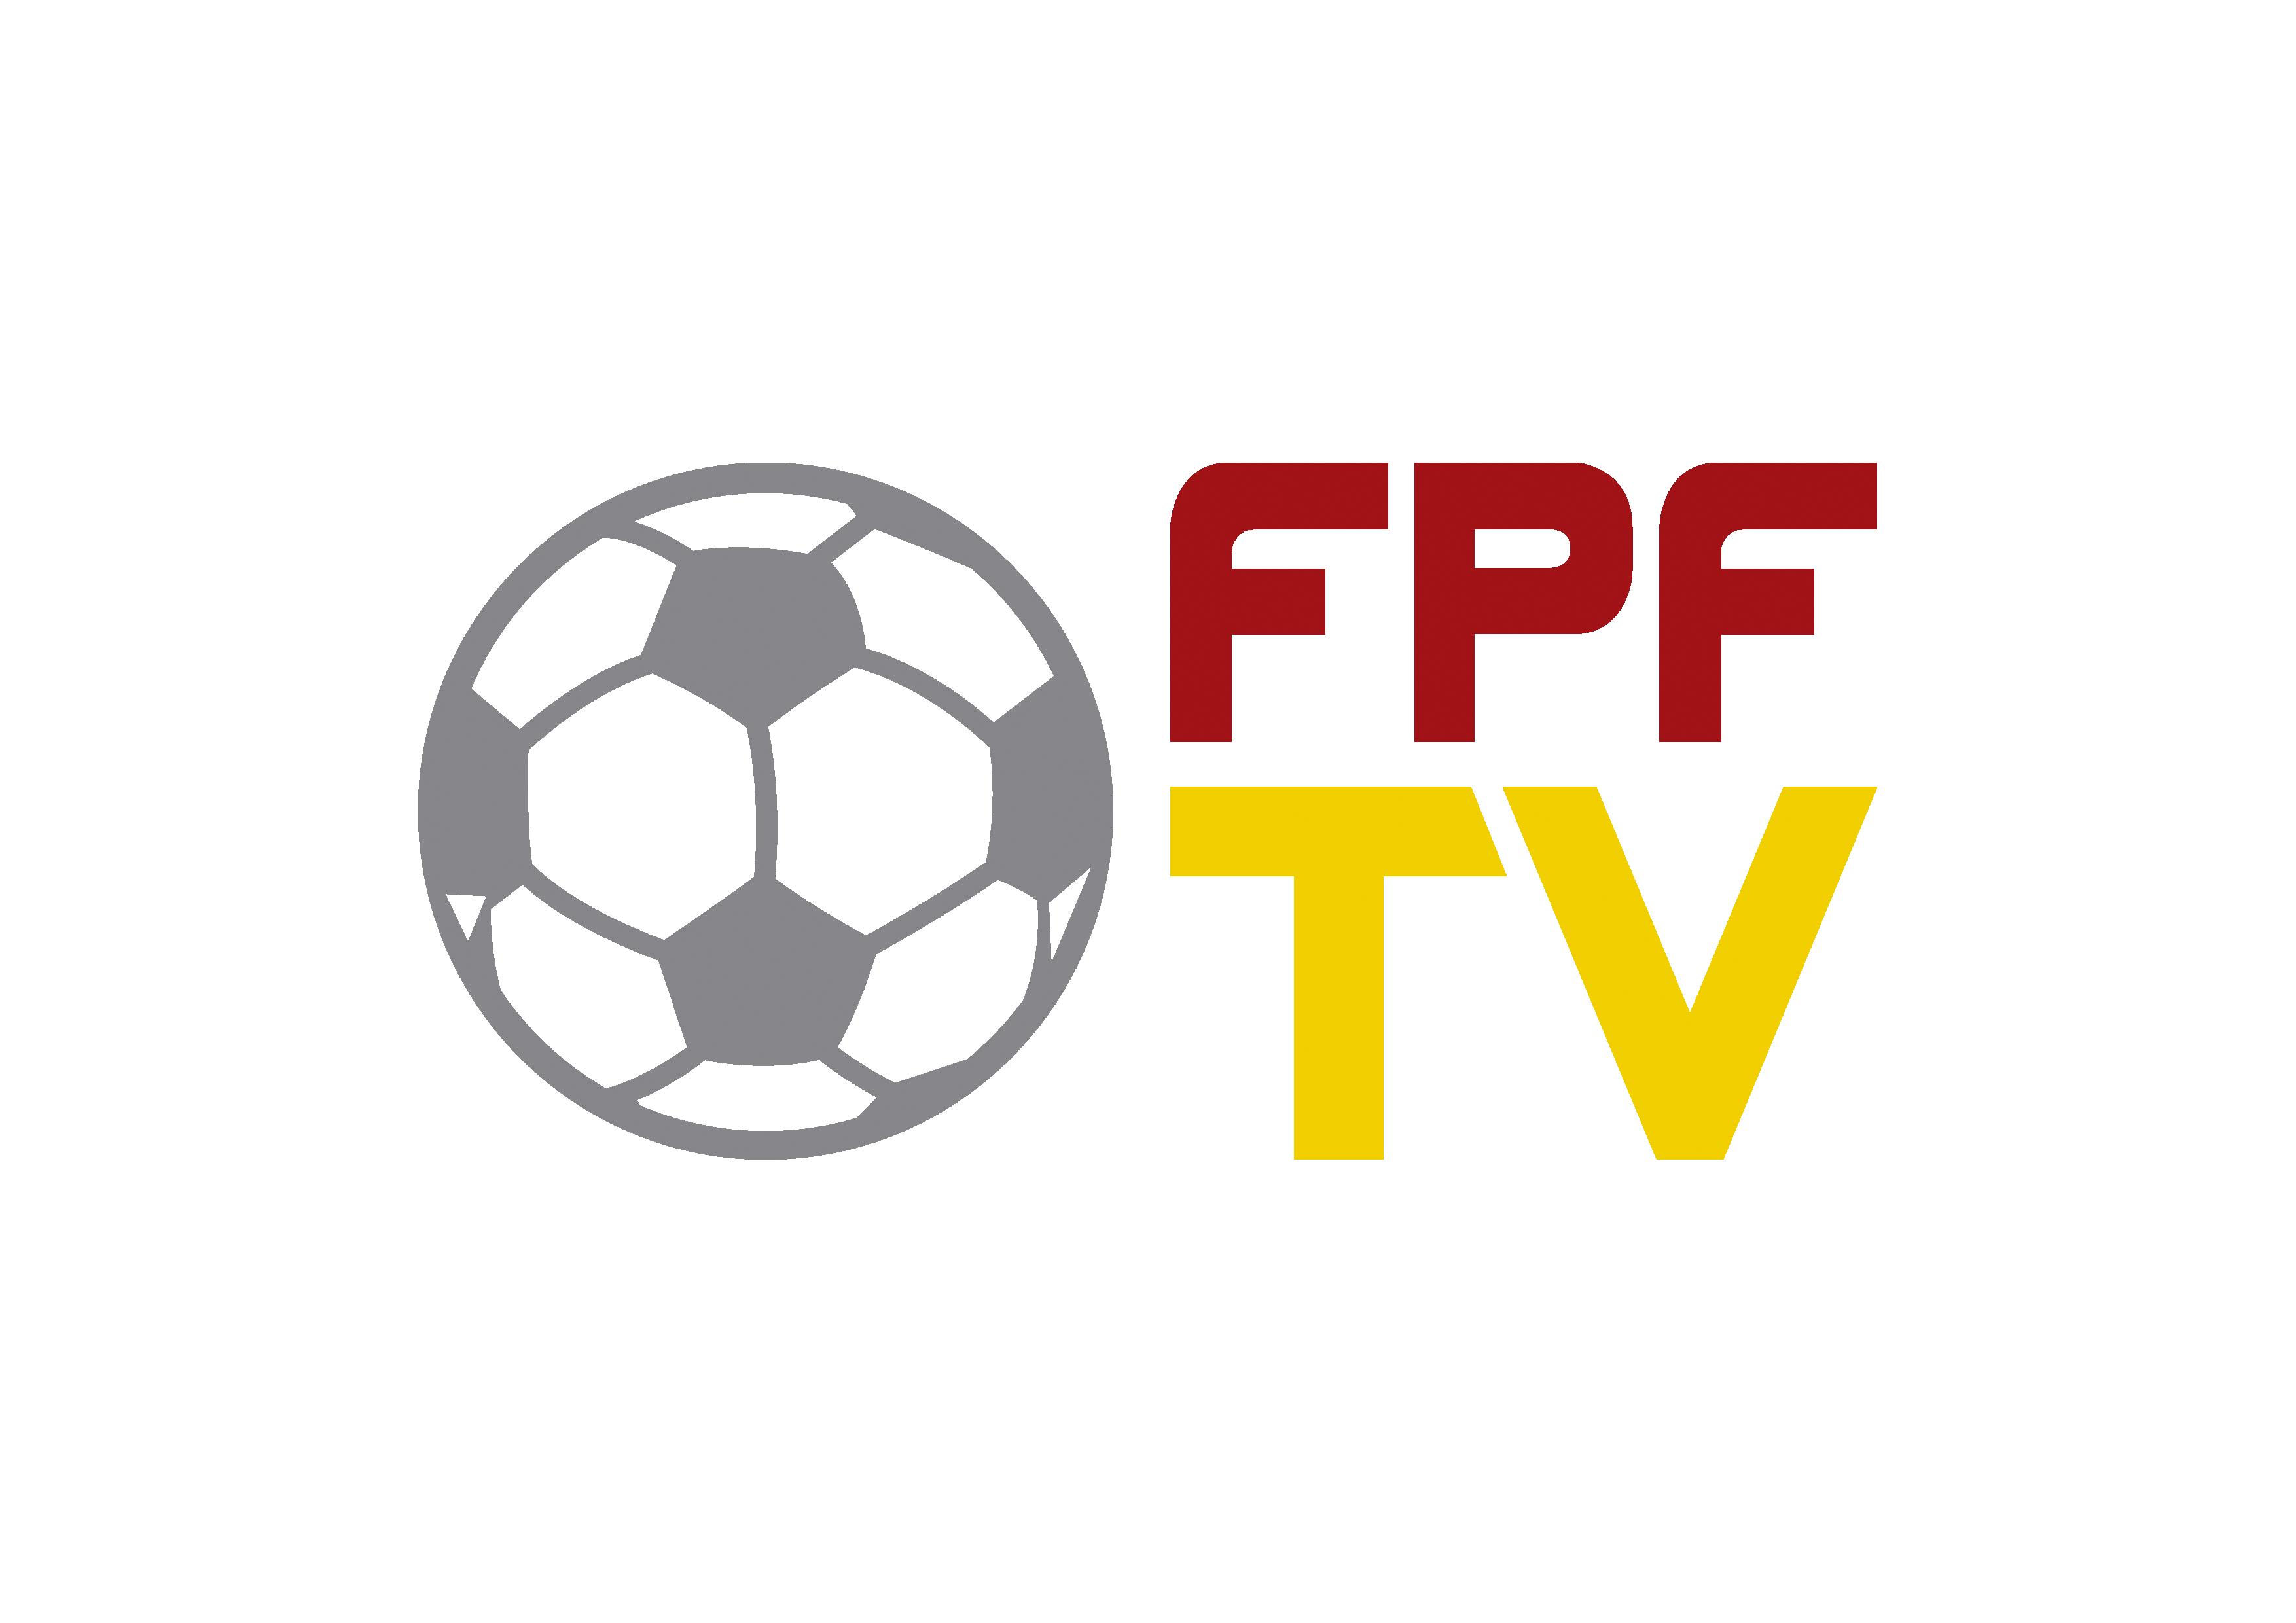 FPF - Federação Paulista